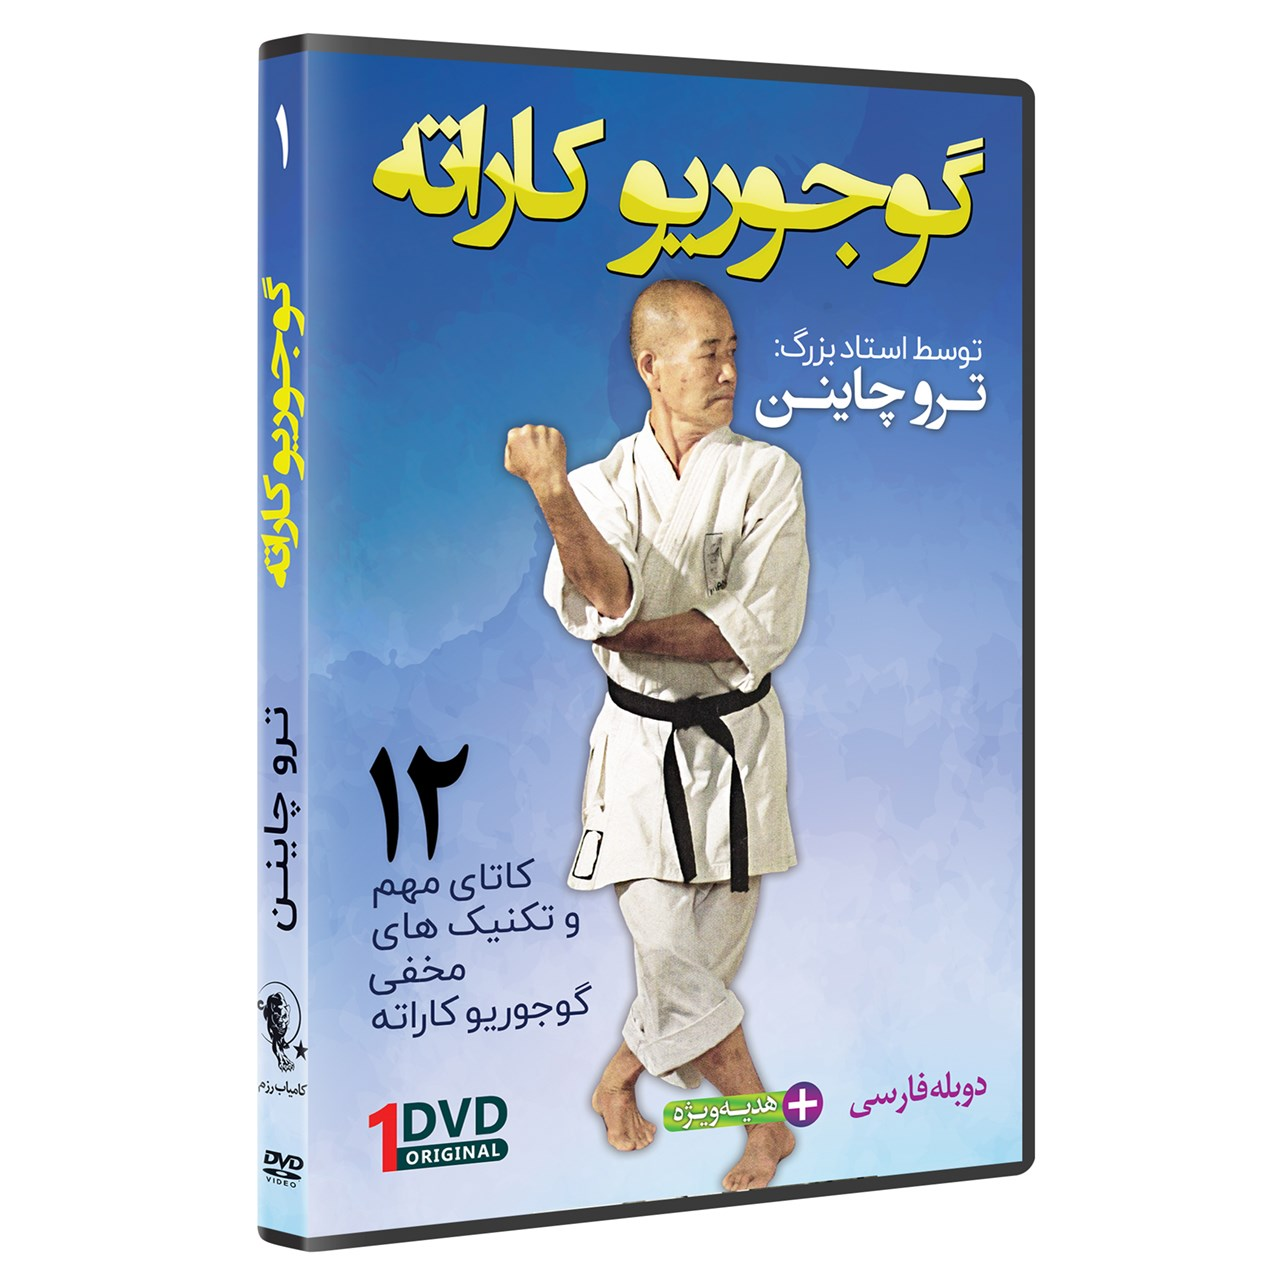 عکس فیلم آموزش سبک گوجوریو کاراته قسمت 1 نشرکامیاب رزم